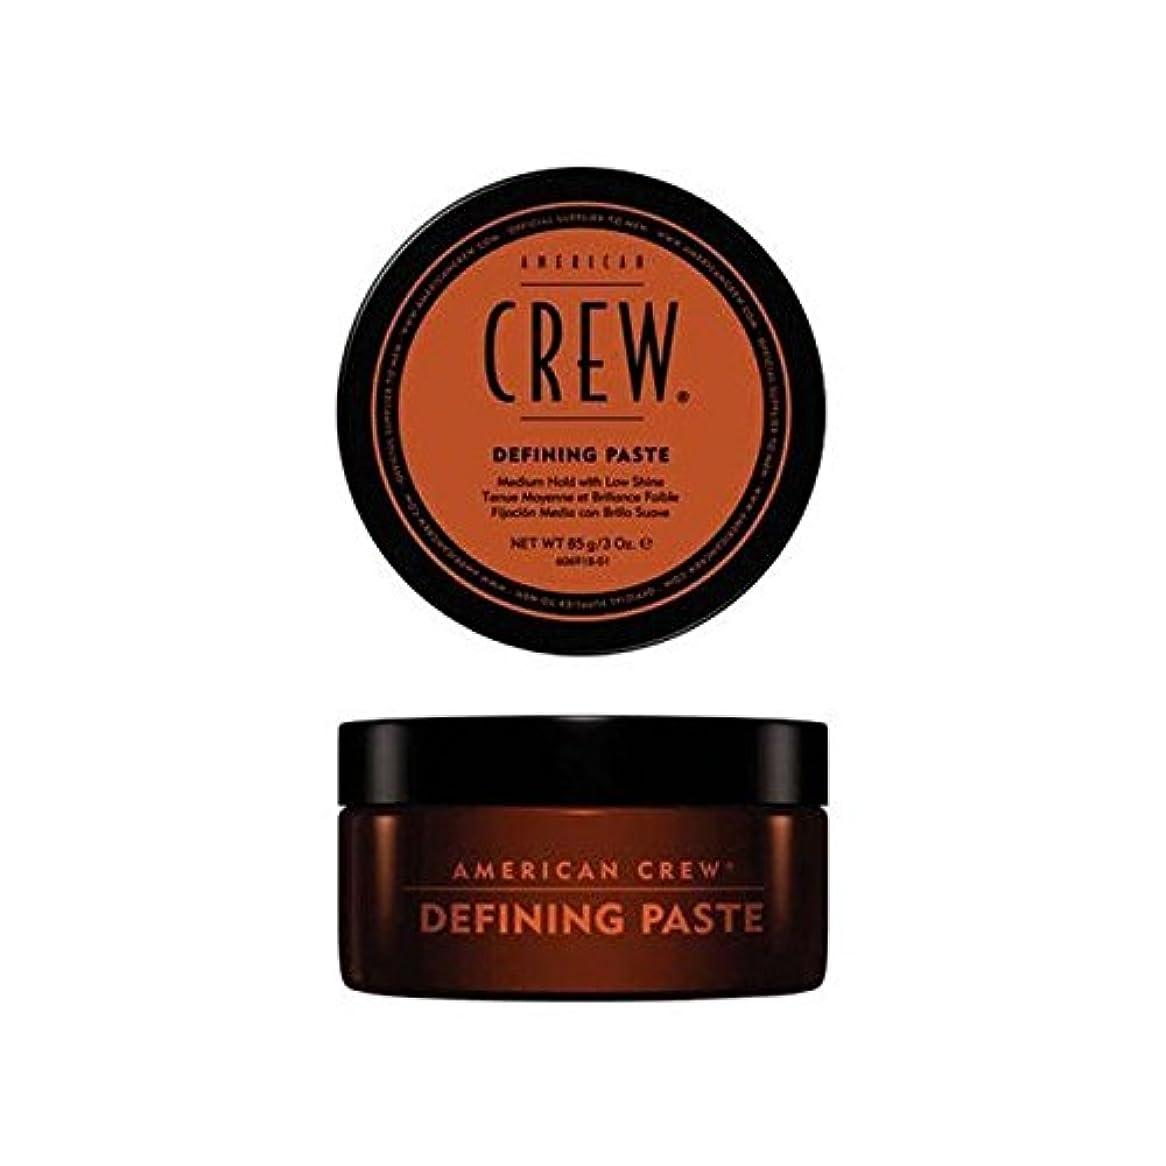 ミシン十億床アメリカの乗組員の定義ペースト(85グラム) x2 - American Crew Defining Paste (85G) (Pack of 2) [並行輸入品]